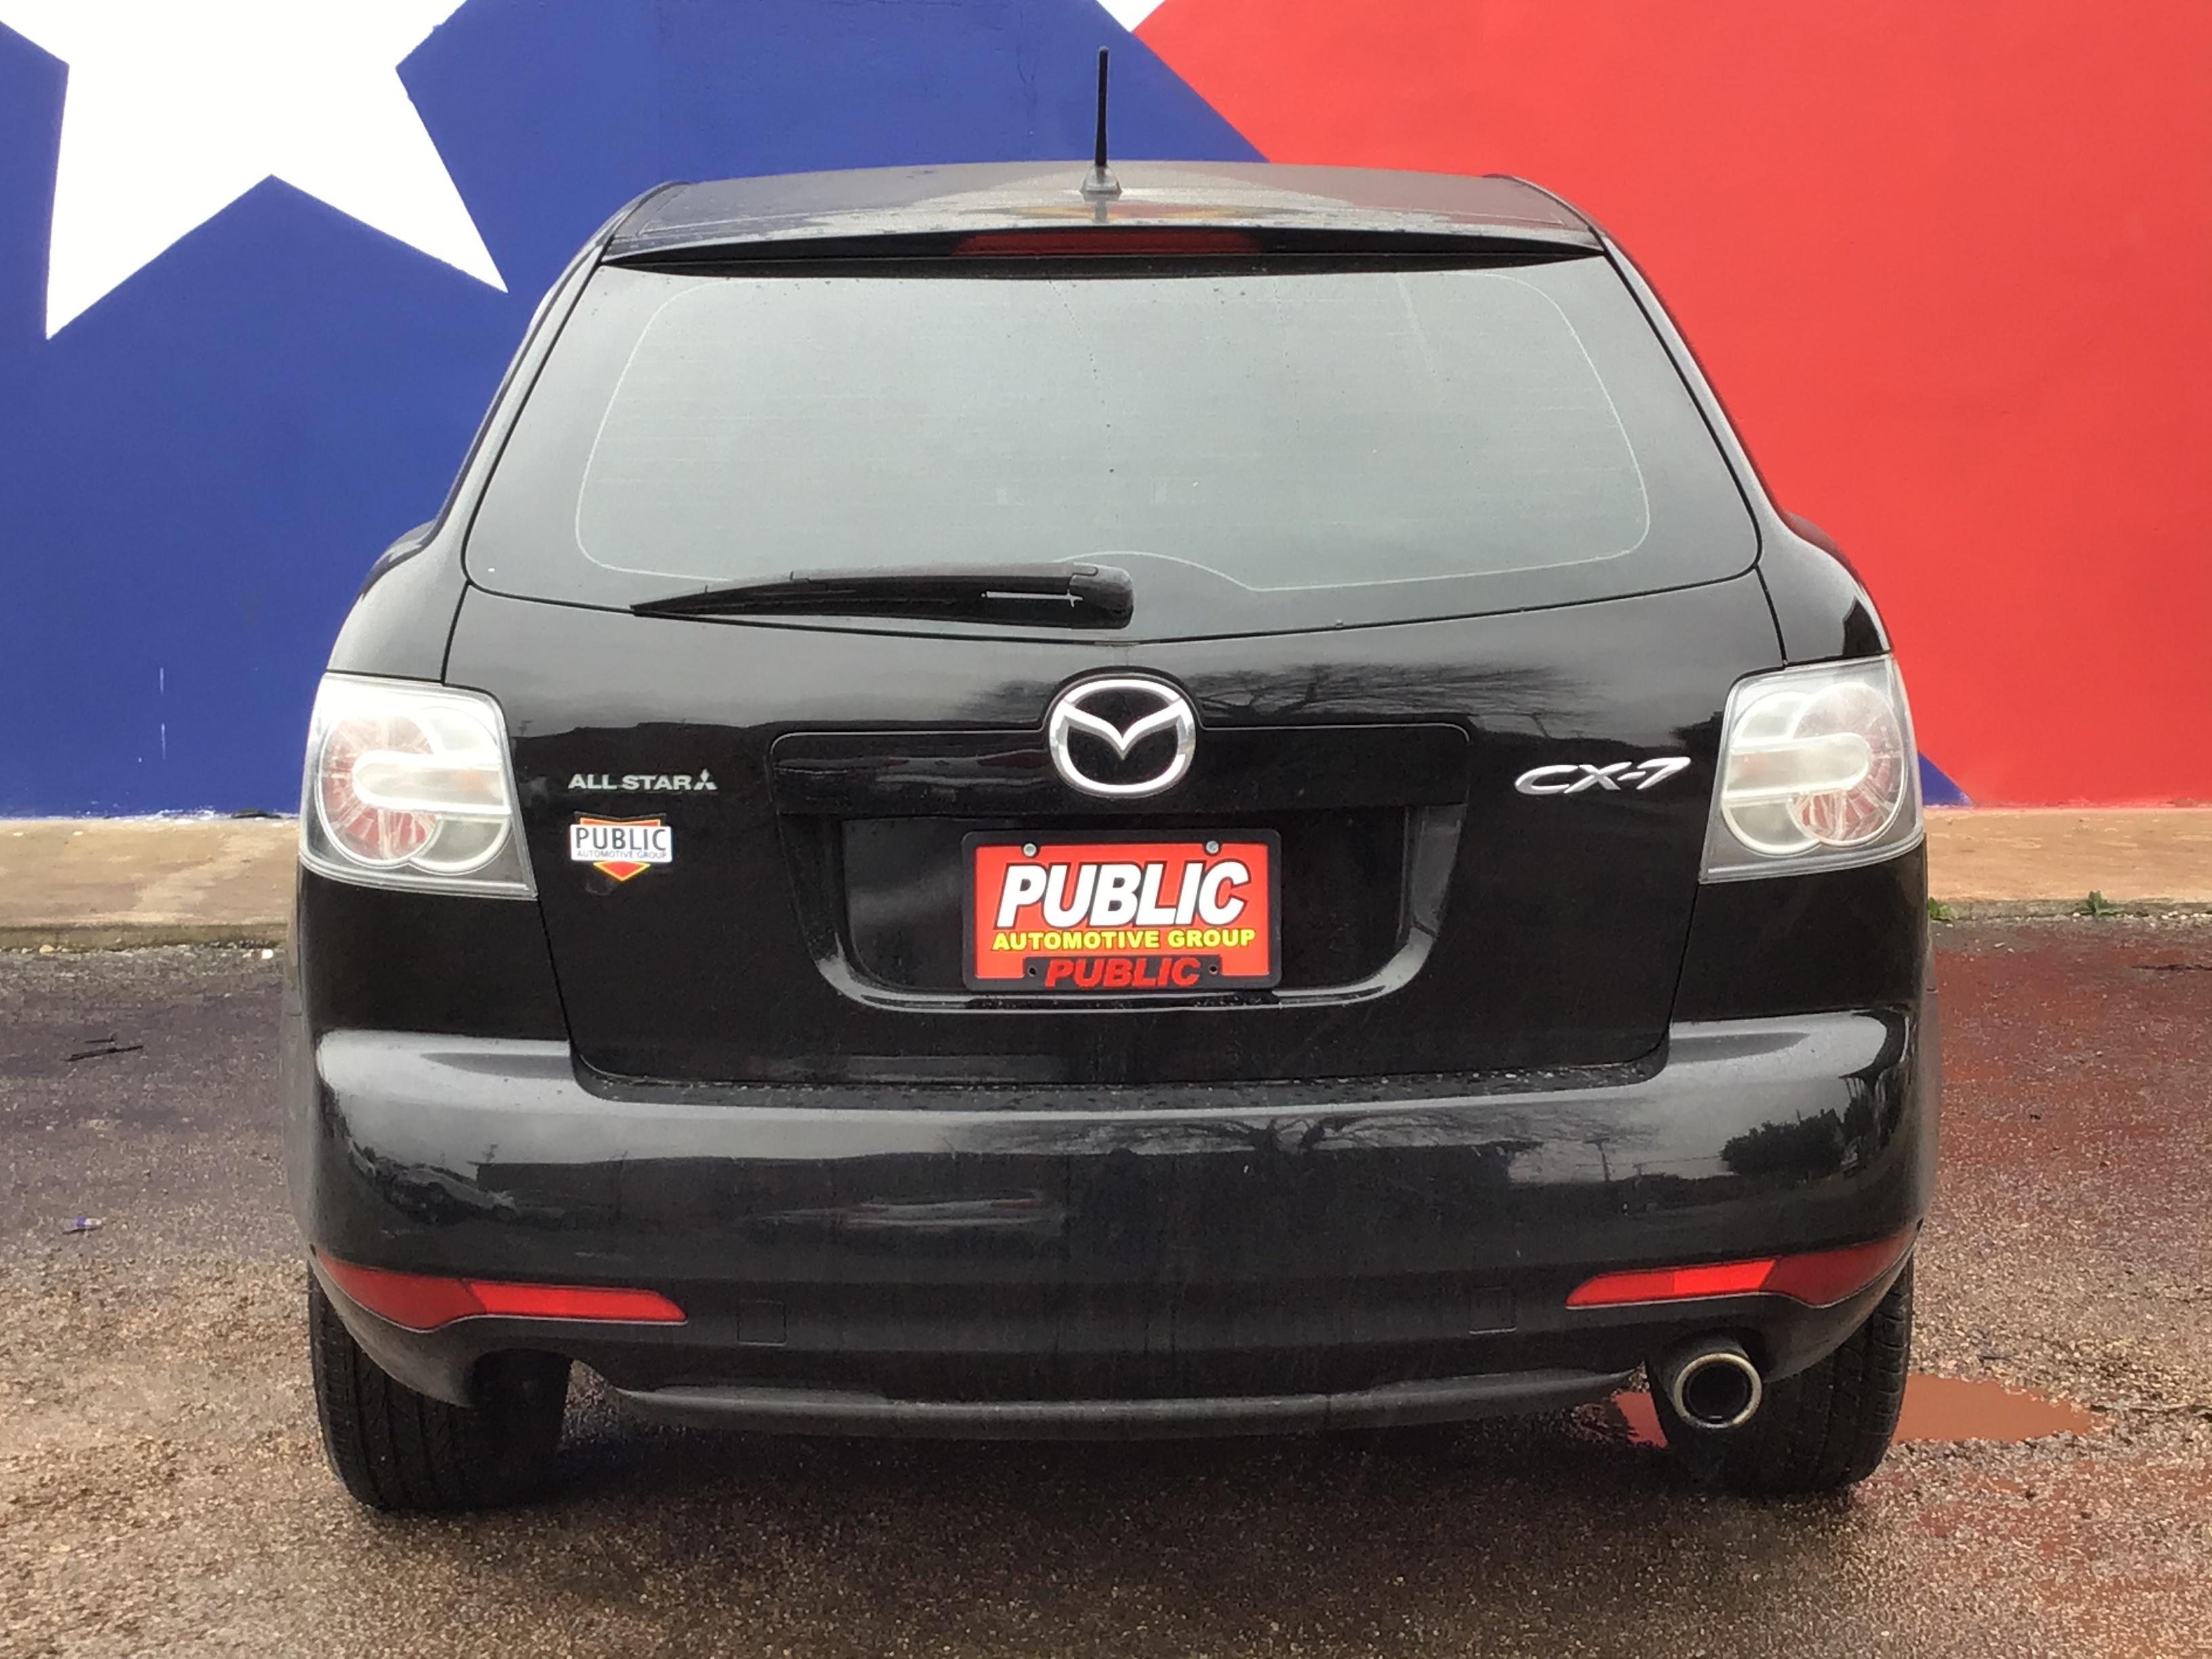 used vehicle - SUV MAZDA CX-7 2012